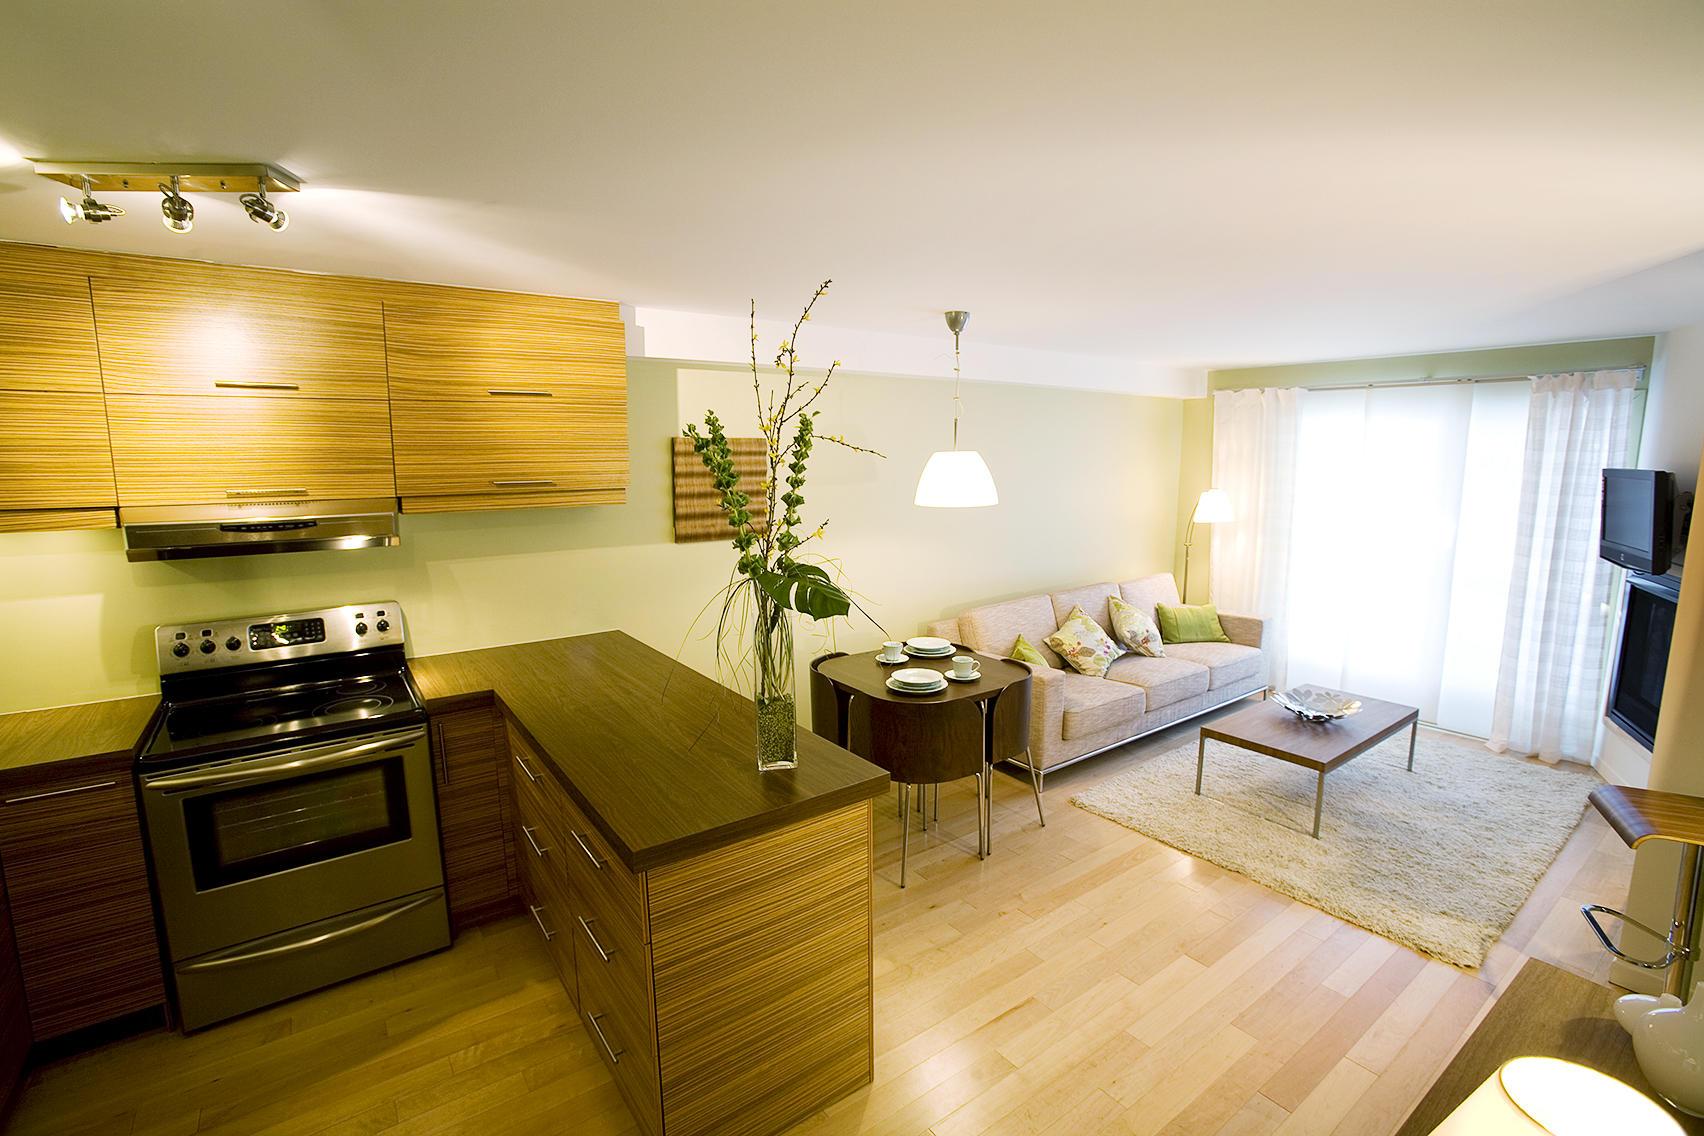 Грамотное зонирование помещения сделает его не только уютным, но и максимально практичным